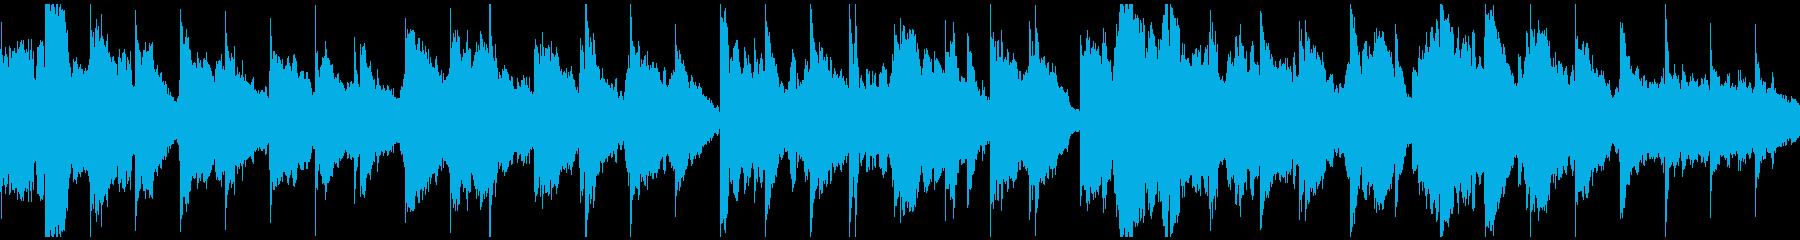 安眠系ふわふわリラクゼーション※ループ版の再生済みの波形